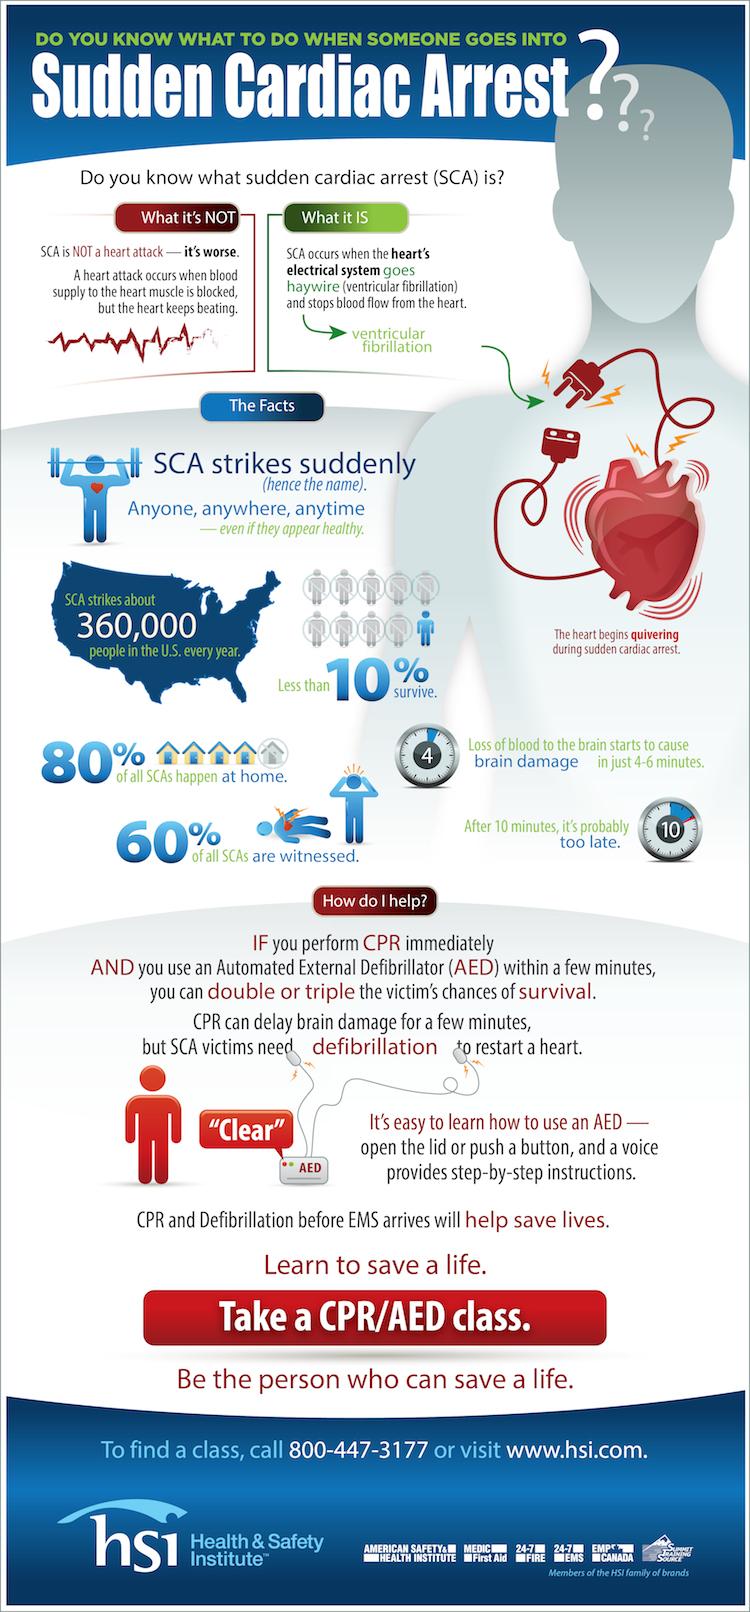 hsi sudden cardiac arrest 750